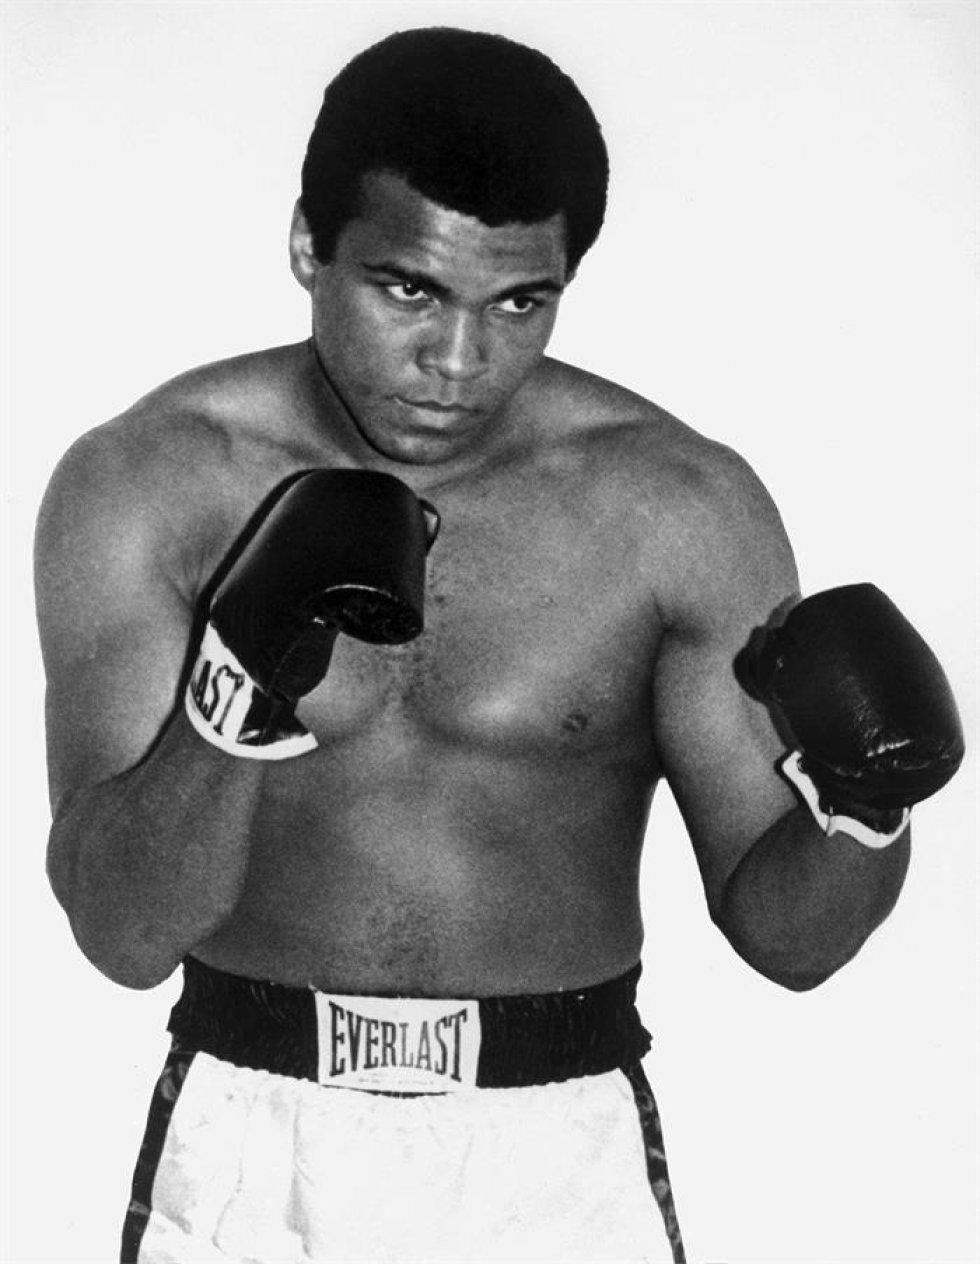 Un cuadro de archivo pasó de moda 1960 muestra EE.UU. que embalan la leyenda Muhammad Ali en París, Francia. La Arcilla de Casio nacida, embalando la leyenda Muhammad Ali dobló el Mayor muerto el 04 de junio de 2016 en el hospital de Fénix en Fénix, Arizona, EE.UU., a la edad de 74 años. (Fénix, Francia, Estados Unidos).